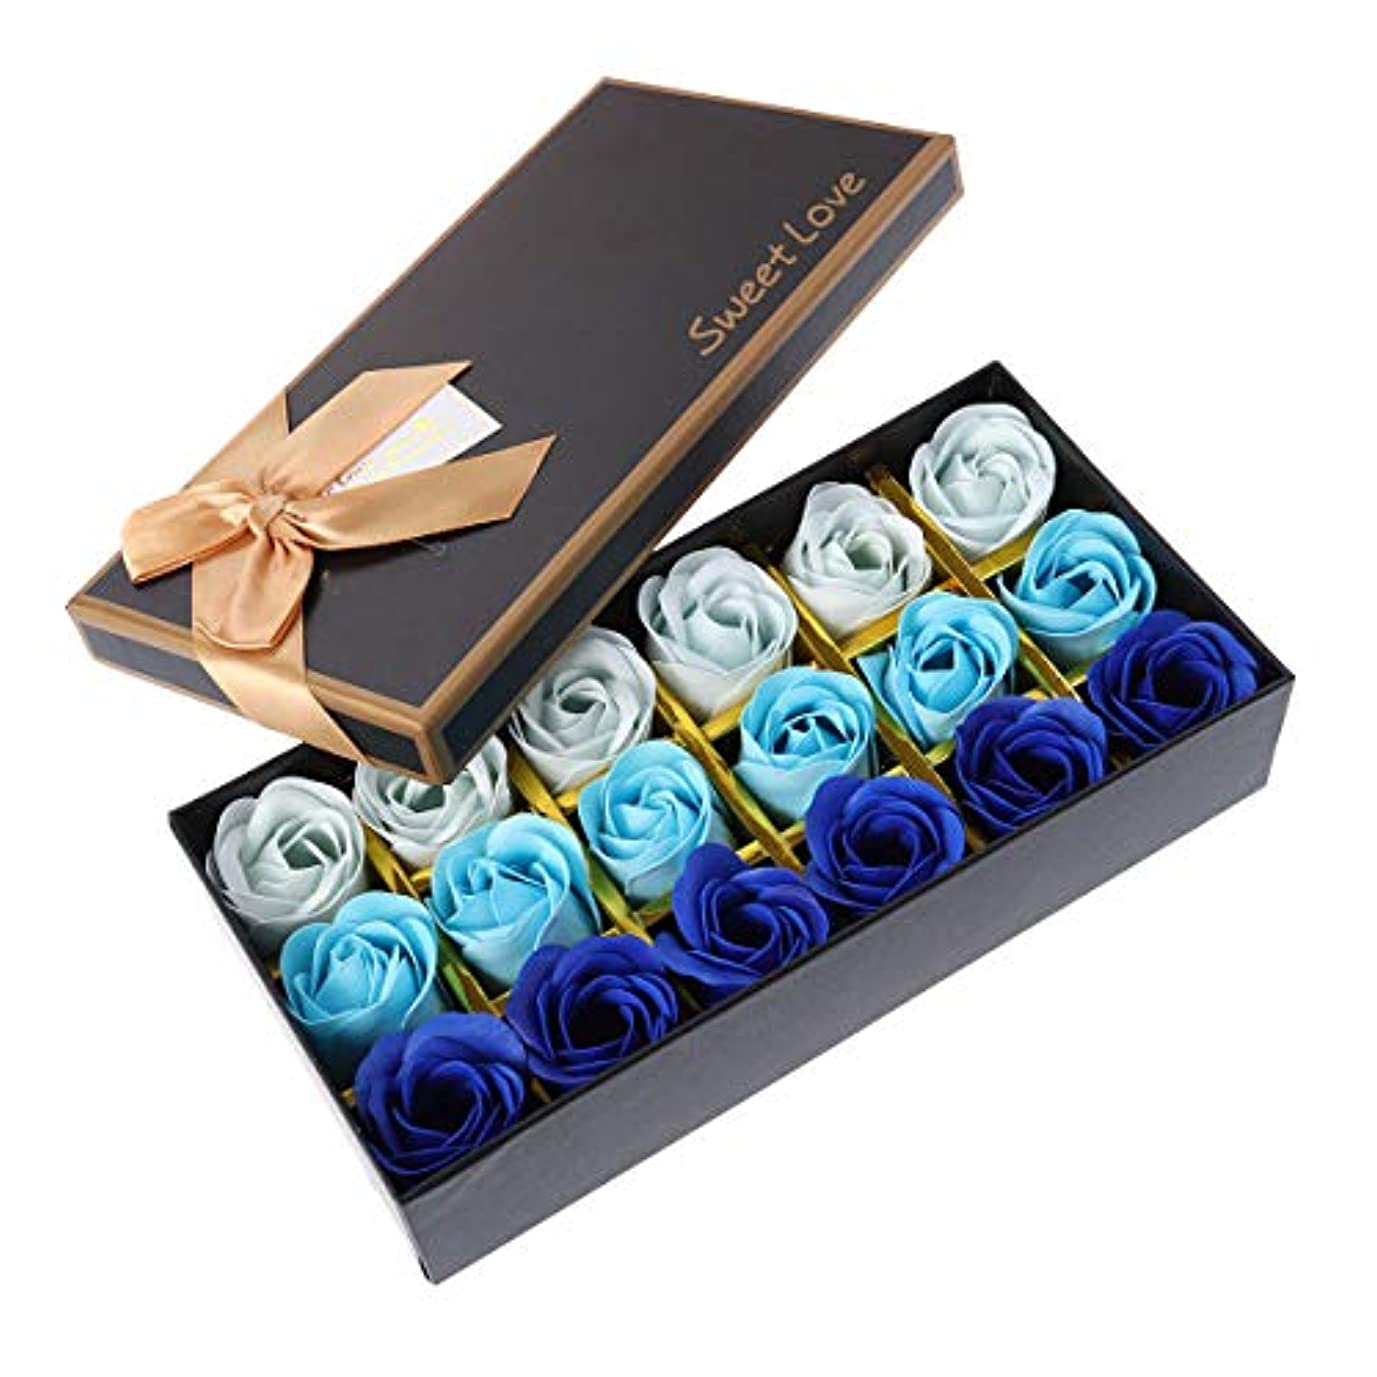 処理する批判倒産Beaupretty バレンタインデーの結婚式の誕生日プレゼントのための小さなクマとバラの石鹸の花